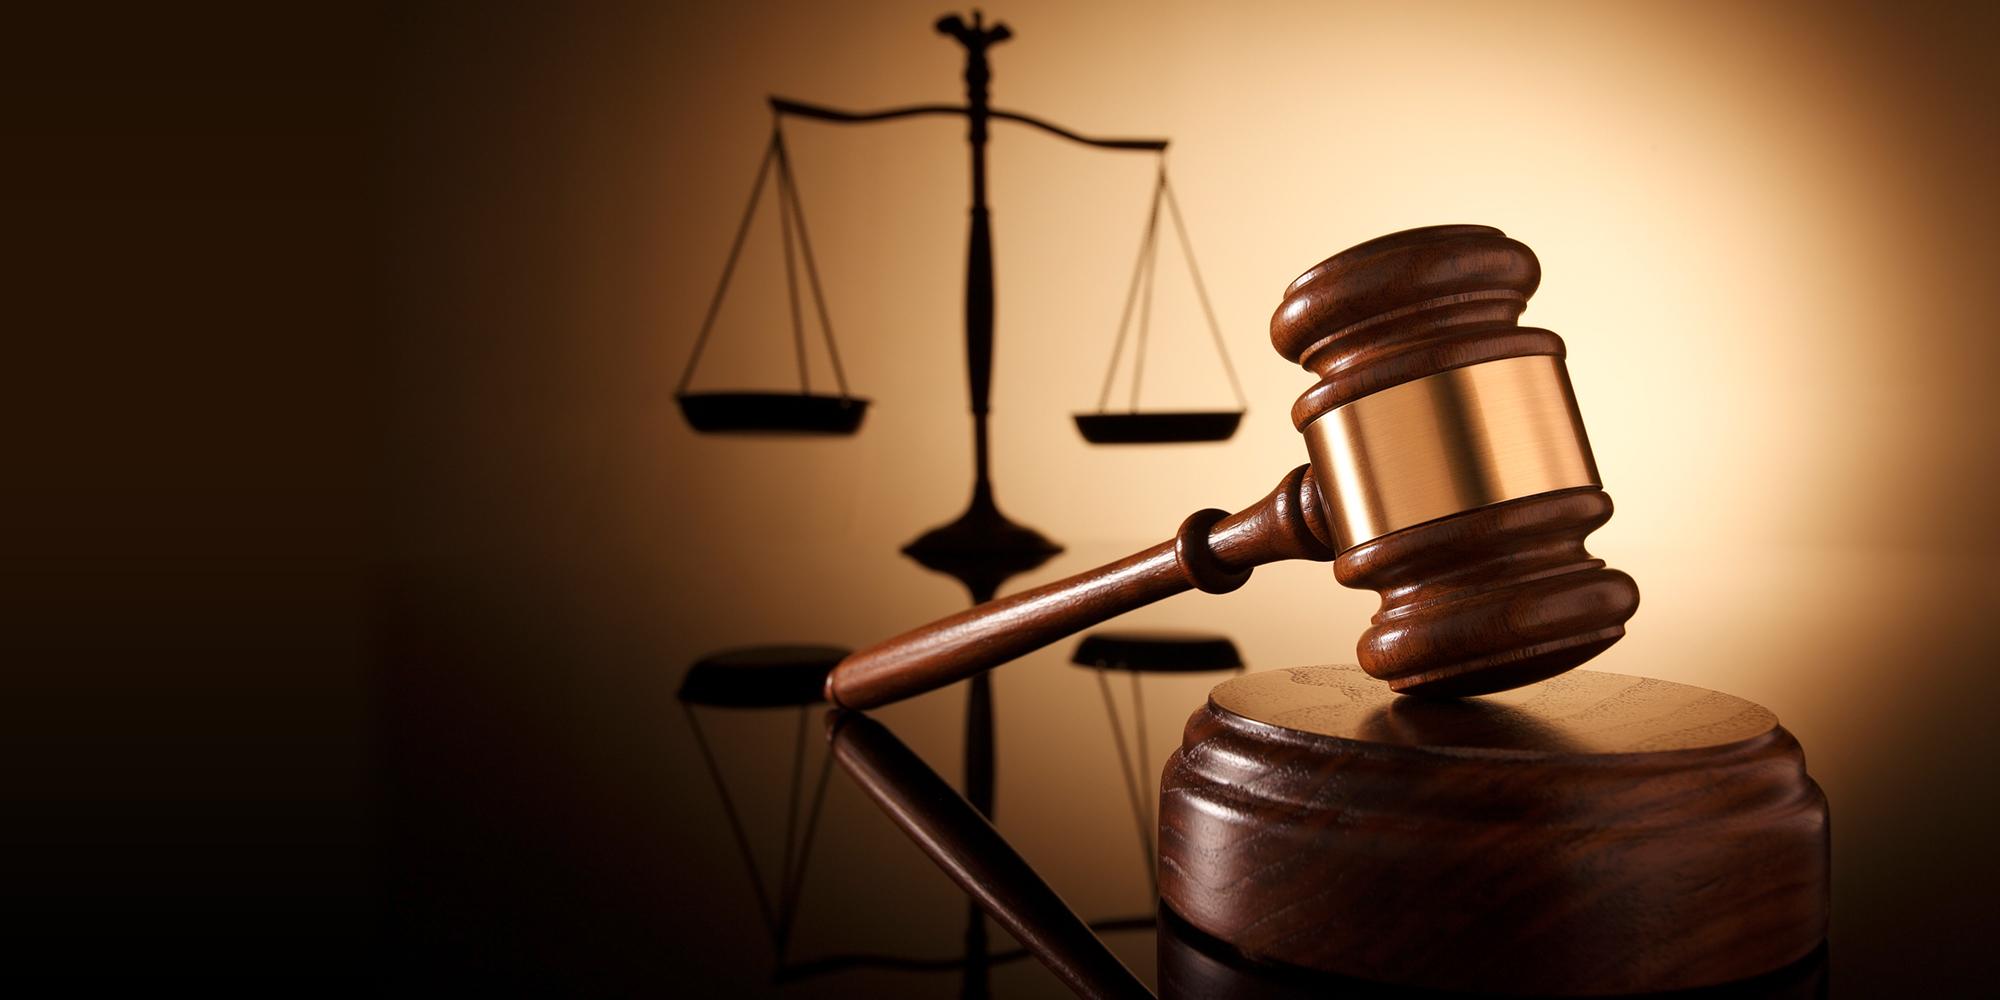 Δικηγορικό Γραφείο Χρήστου Φλώρου (Ροζάκη Αγγελή 32, 35 100, Λαμία 2231305462 – 6937007874 info@floroslaw.gr)